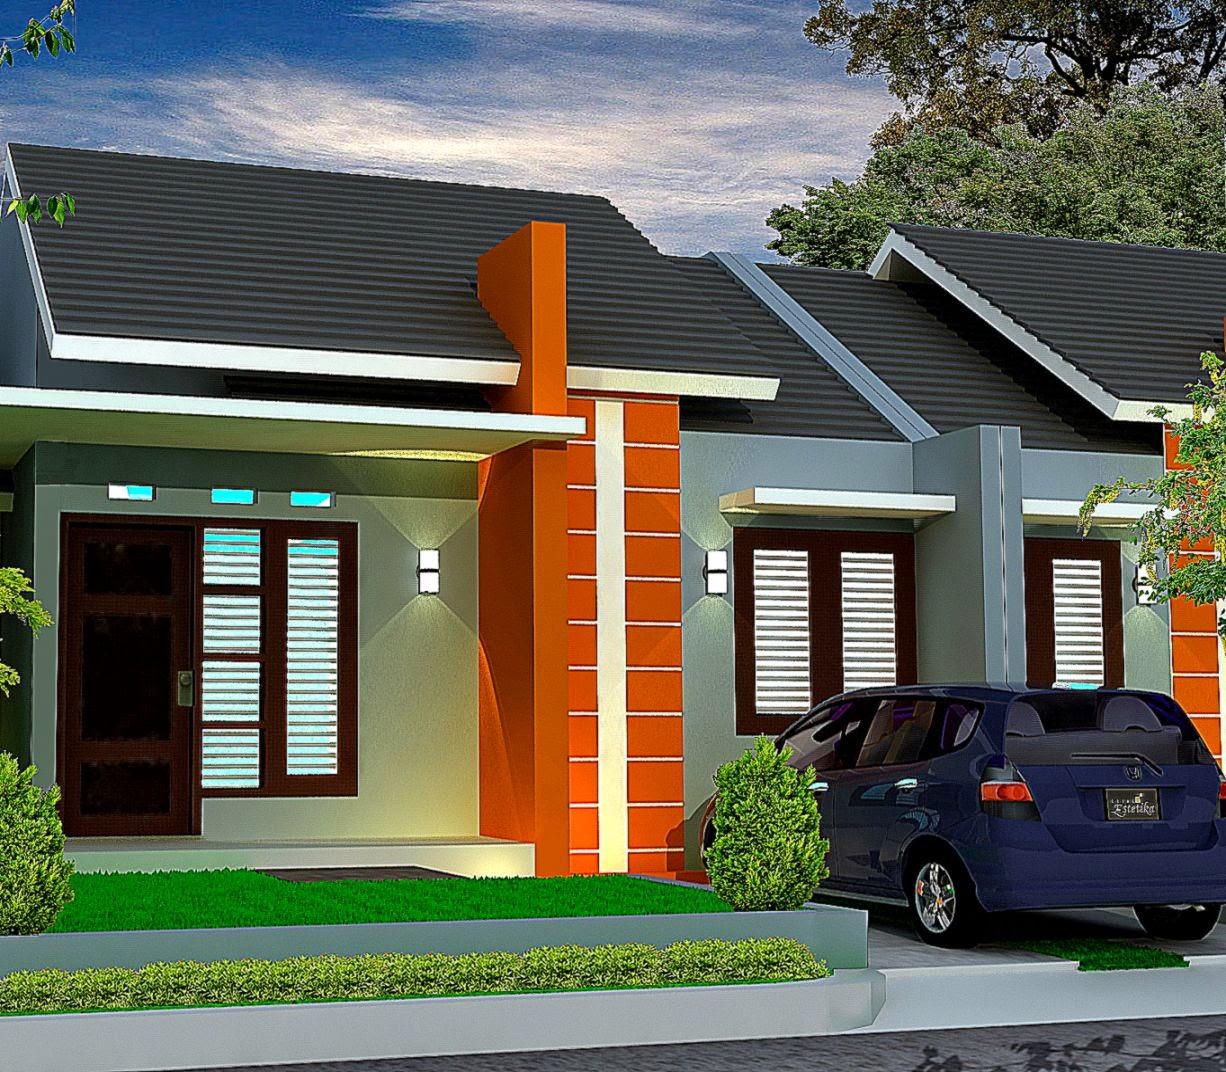 Gambar Home Design Interior Singapore Rab Rumah 2 Lantai ...